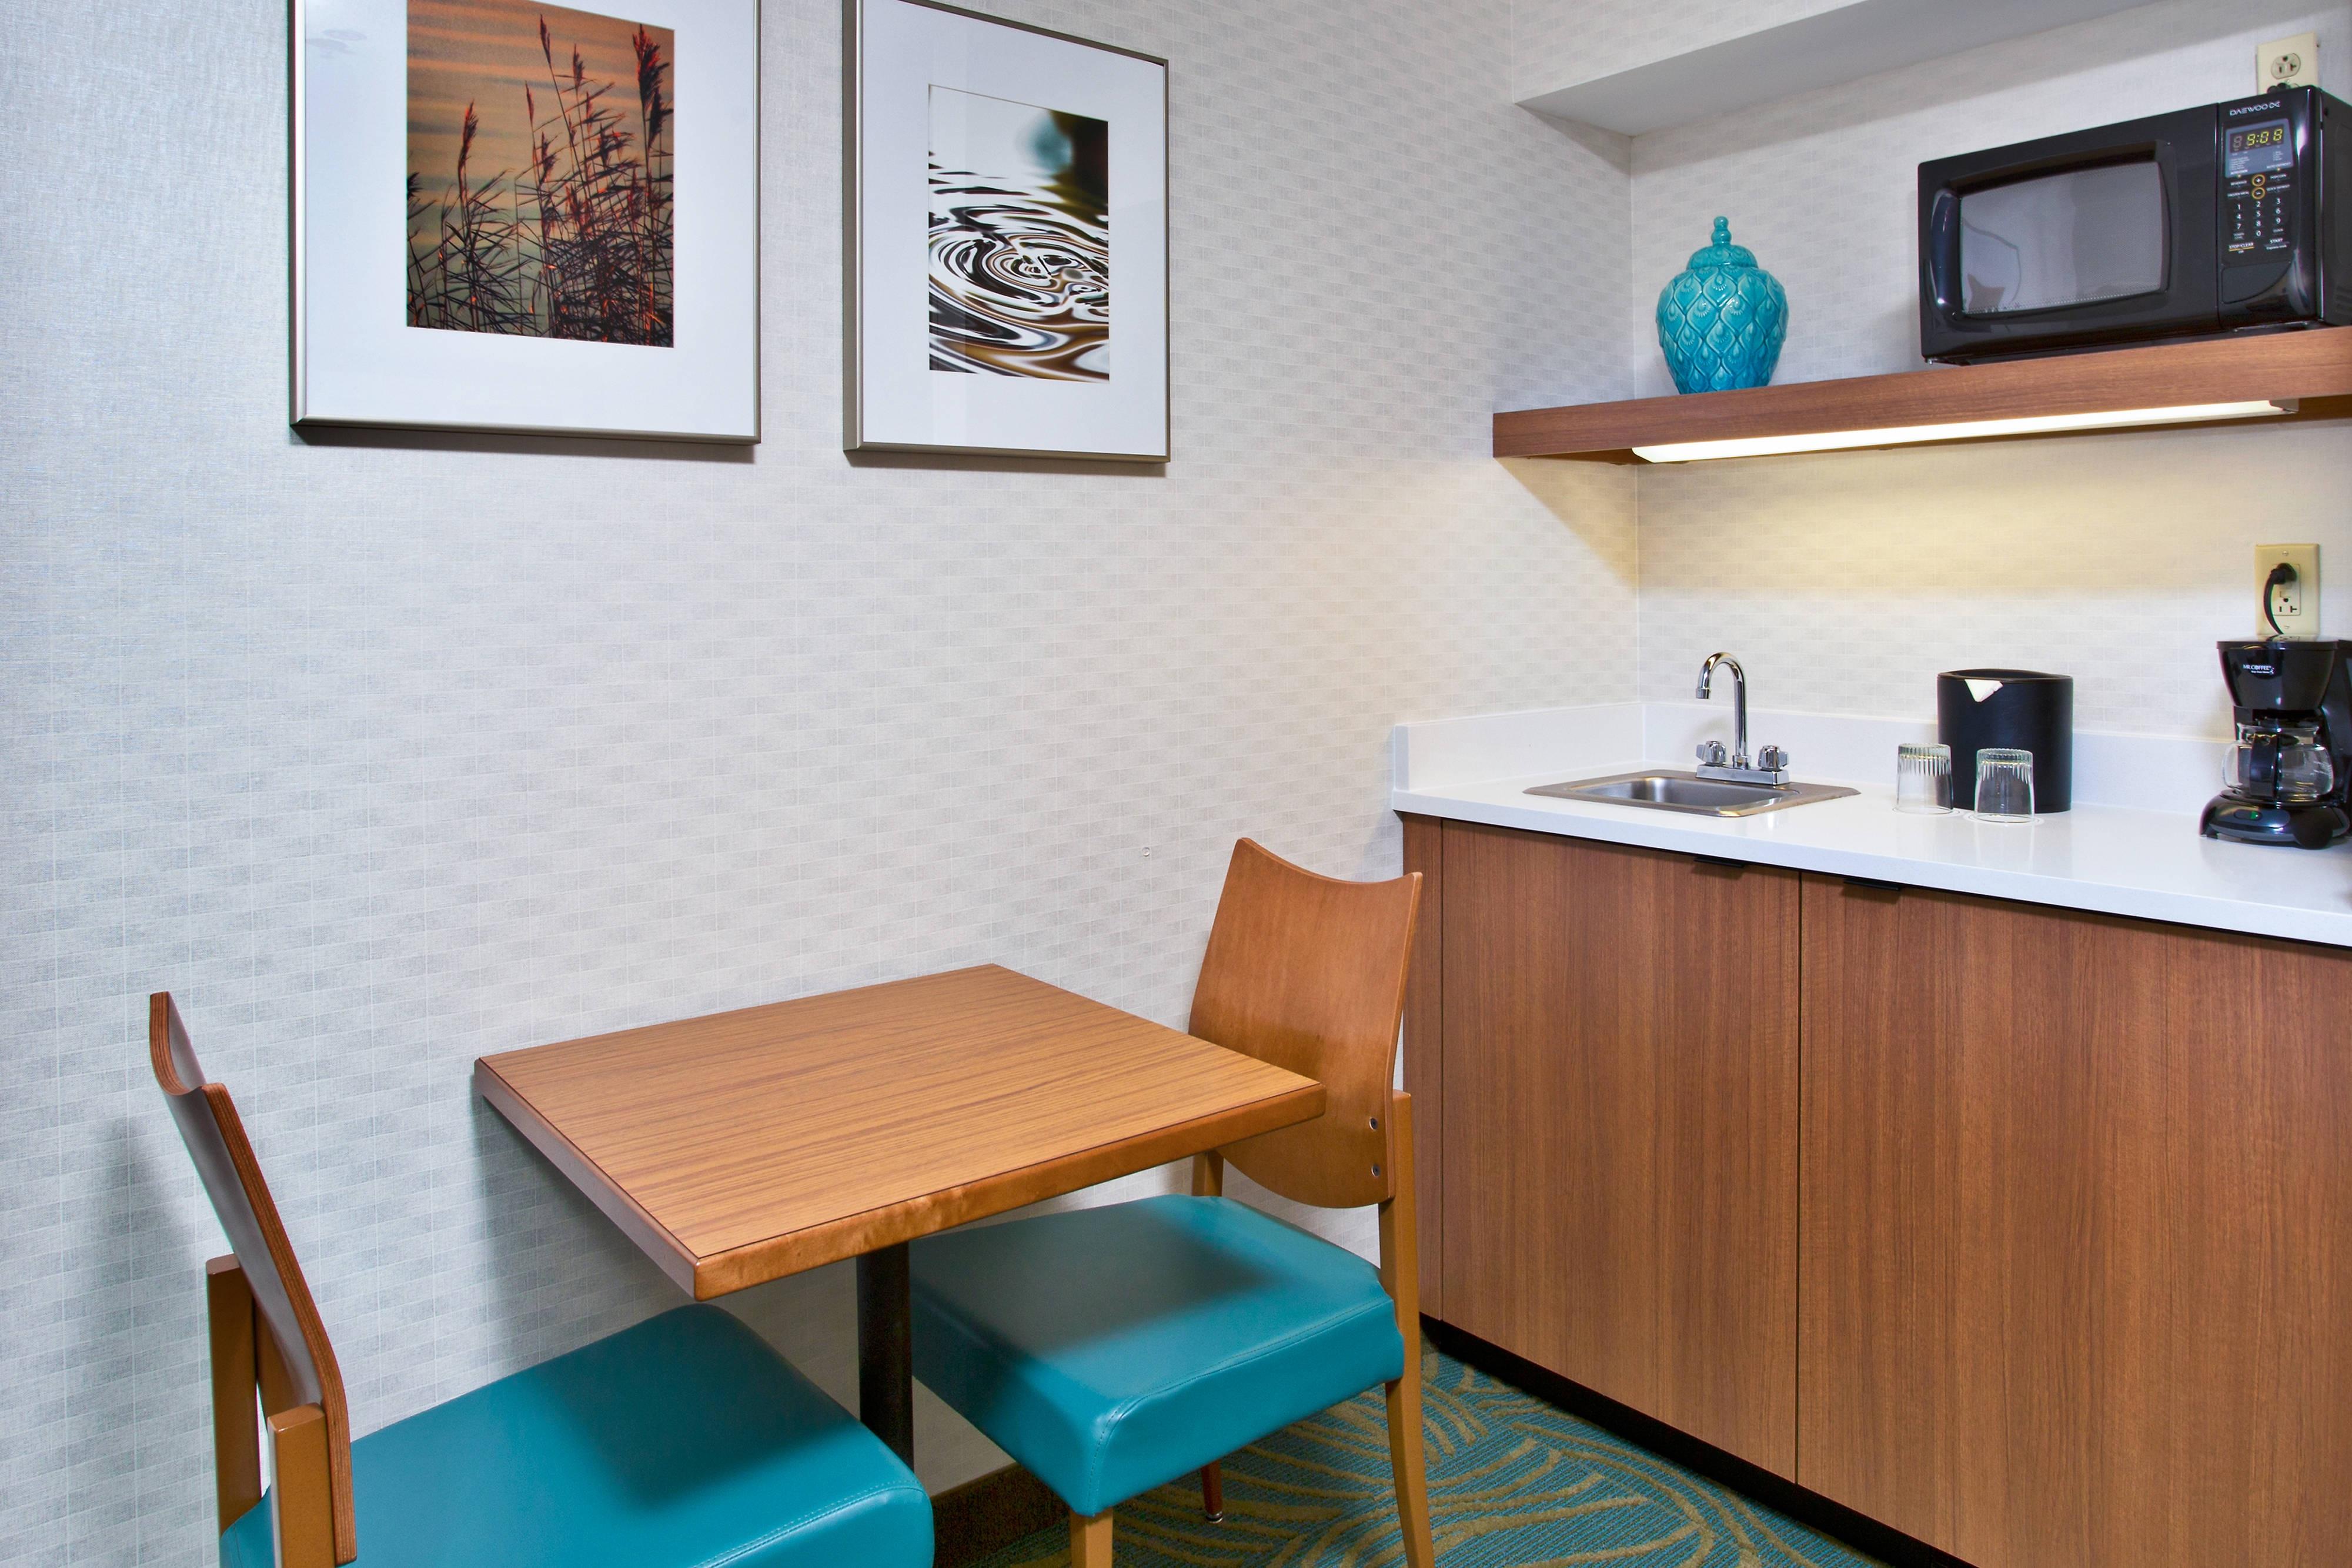 Double/Double Studio Suite Kitchenette SpringHill Suites Chicago Southwest at Burr Ridge/Hinsdale